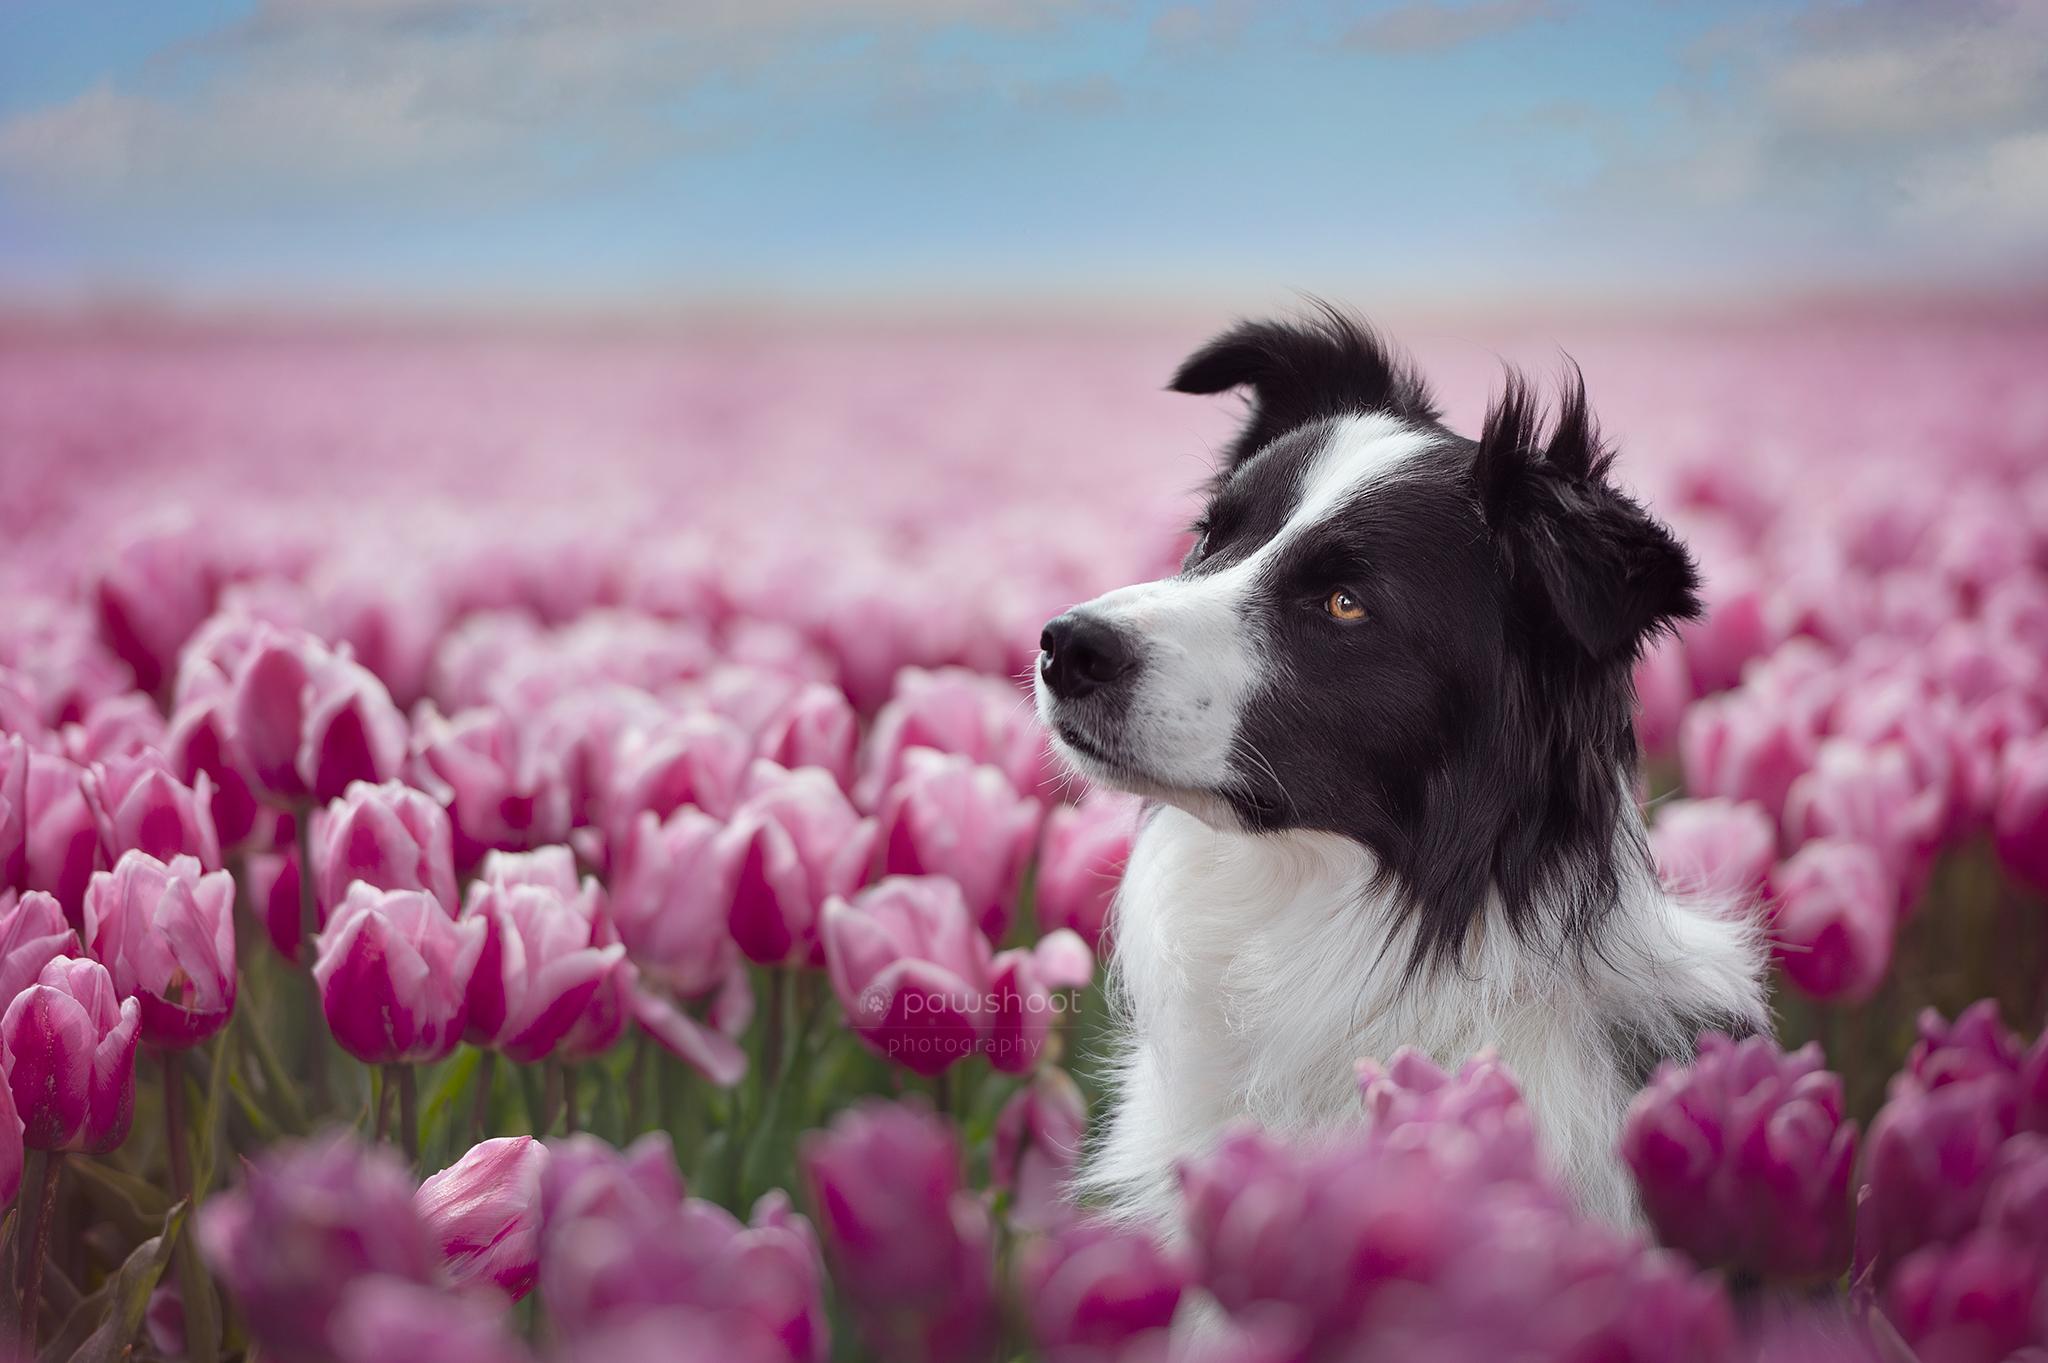 hond in tulpenveld Pawshoot hondenfotografie